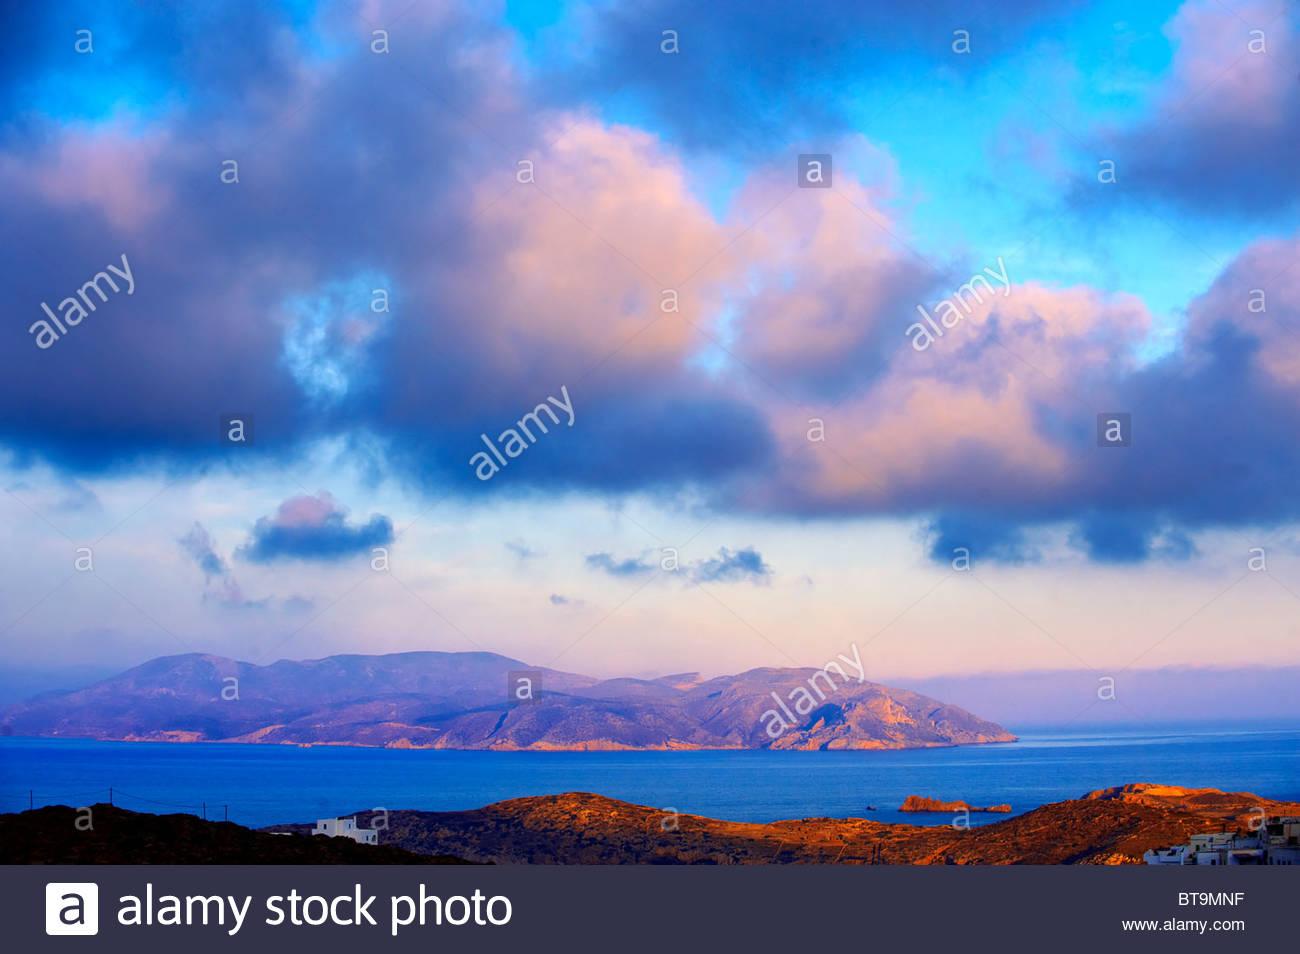 Amanecer sobre la isla de Ios Cyclades, Grecia Imagen De Stock